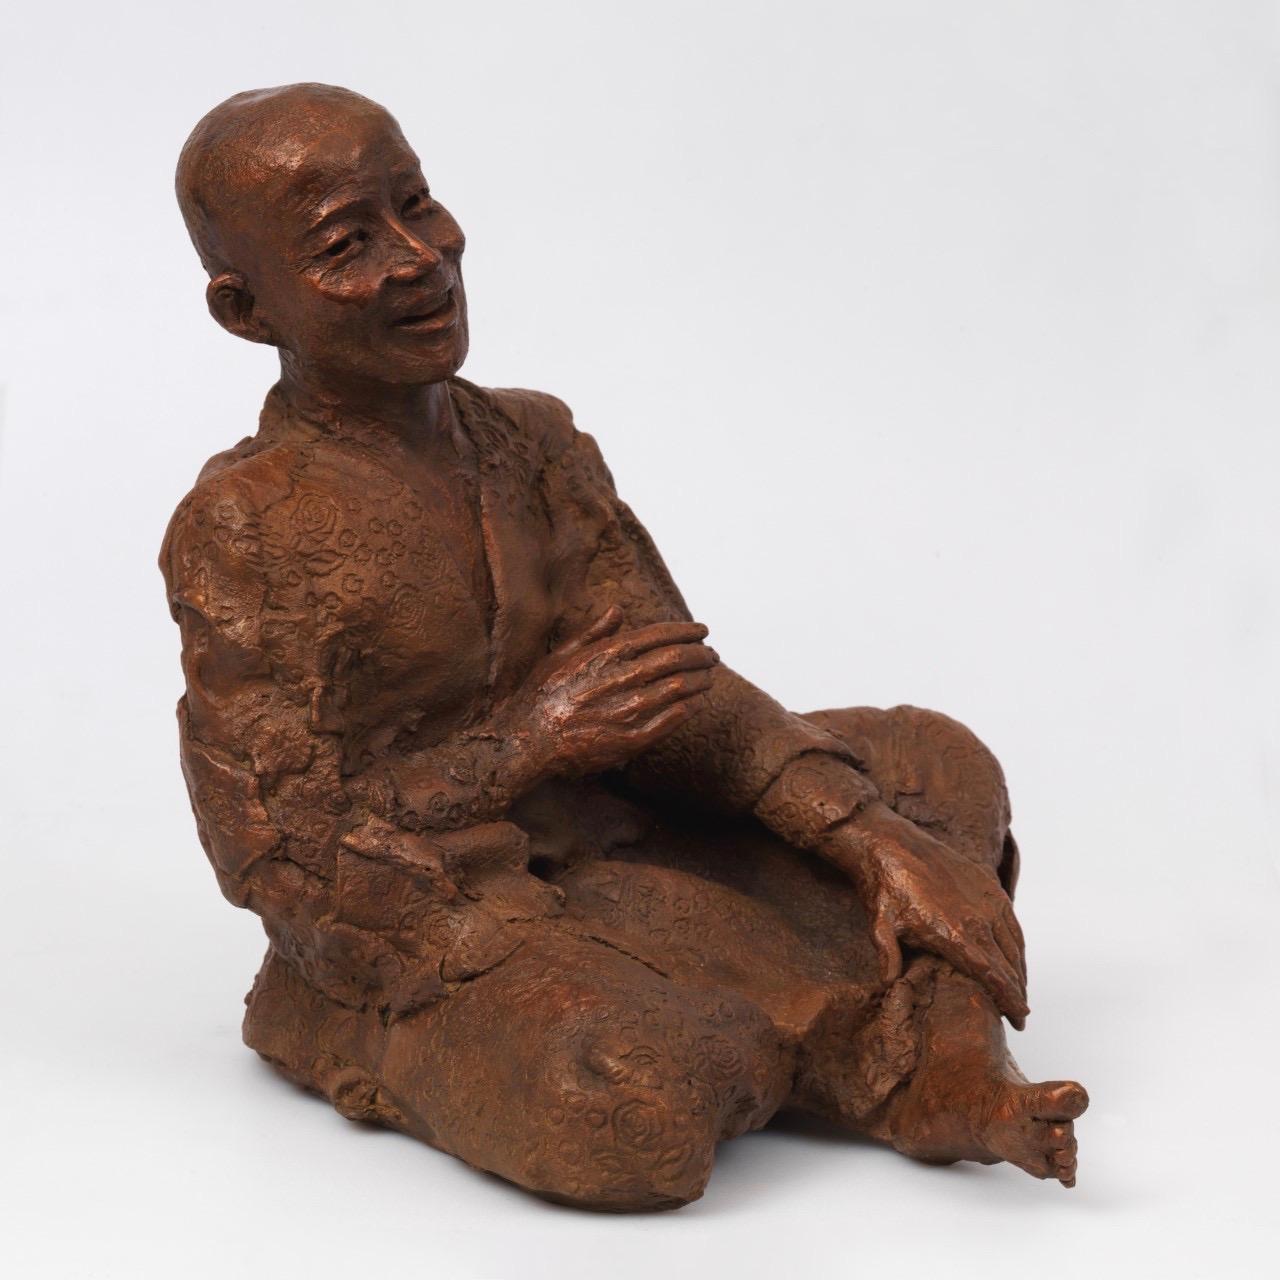 Sculpture of Buddhist Monk by Corinne Chauvet